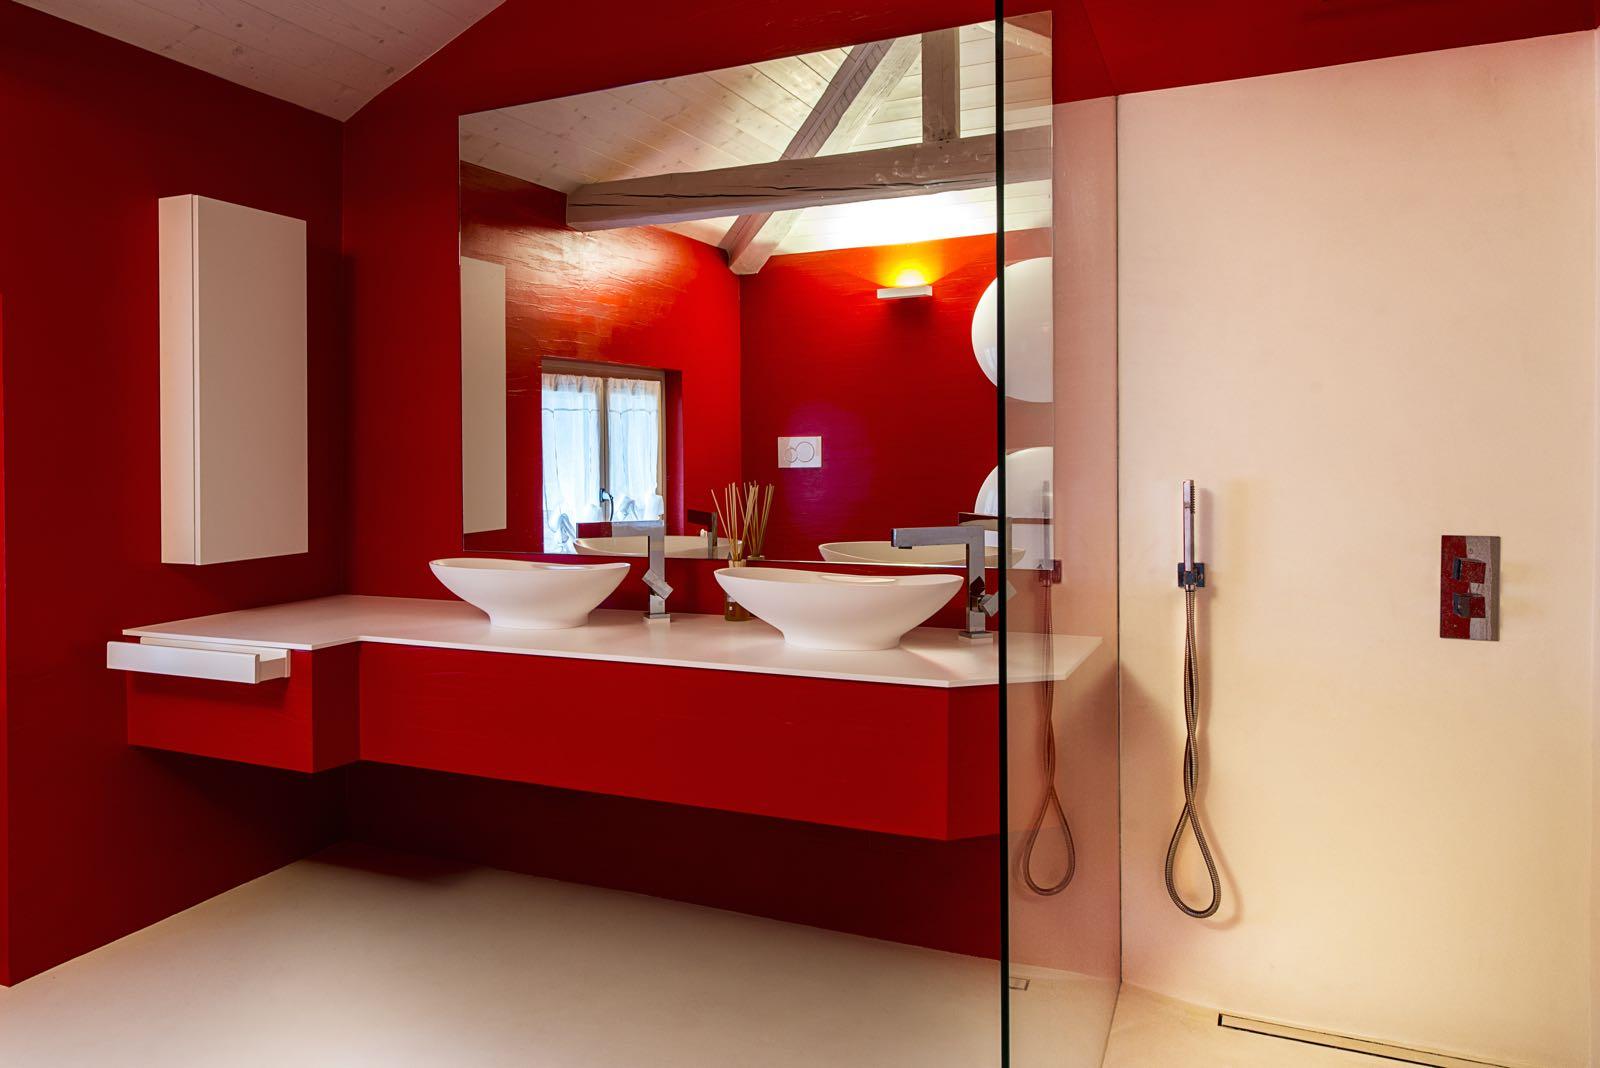 Bagni moderni colorati design casa creativa e mobili - Mobili colorati design ...